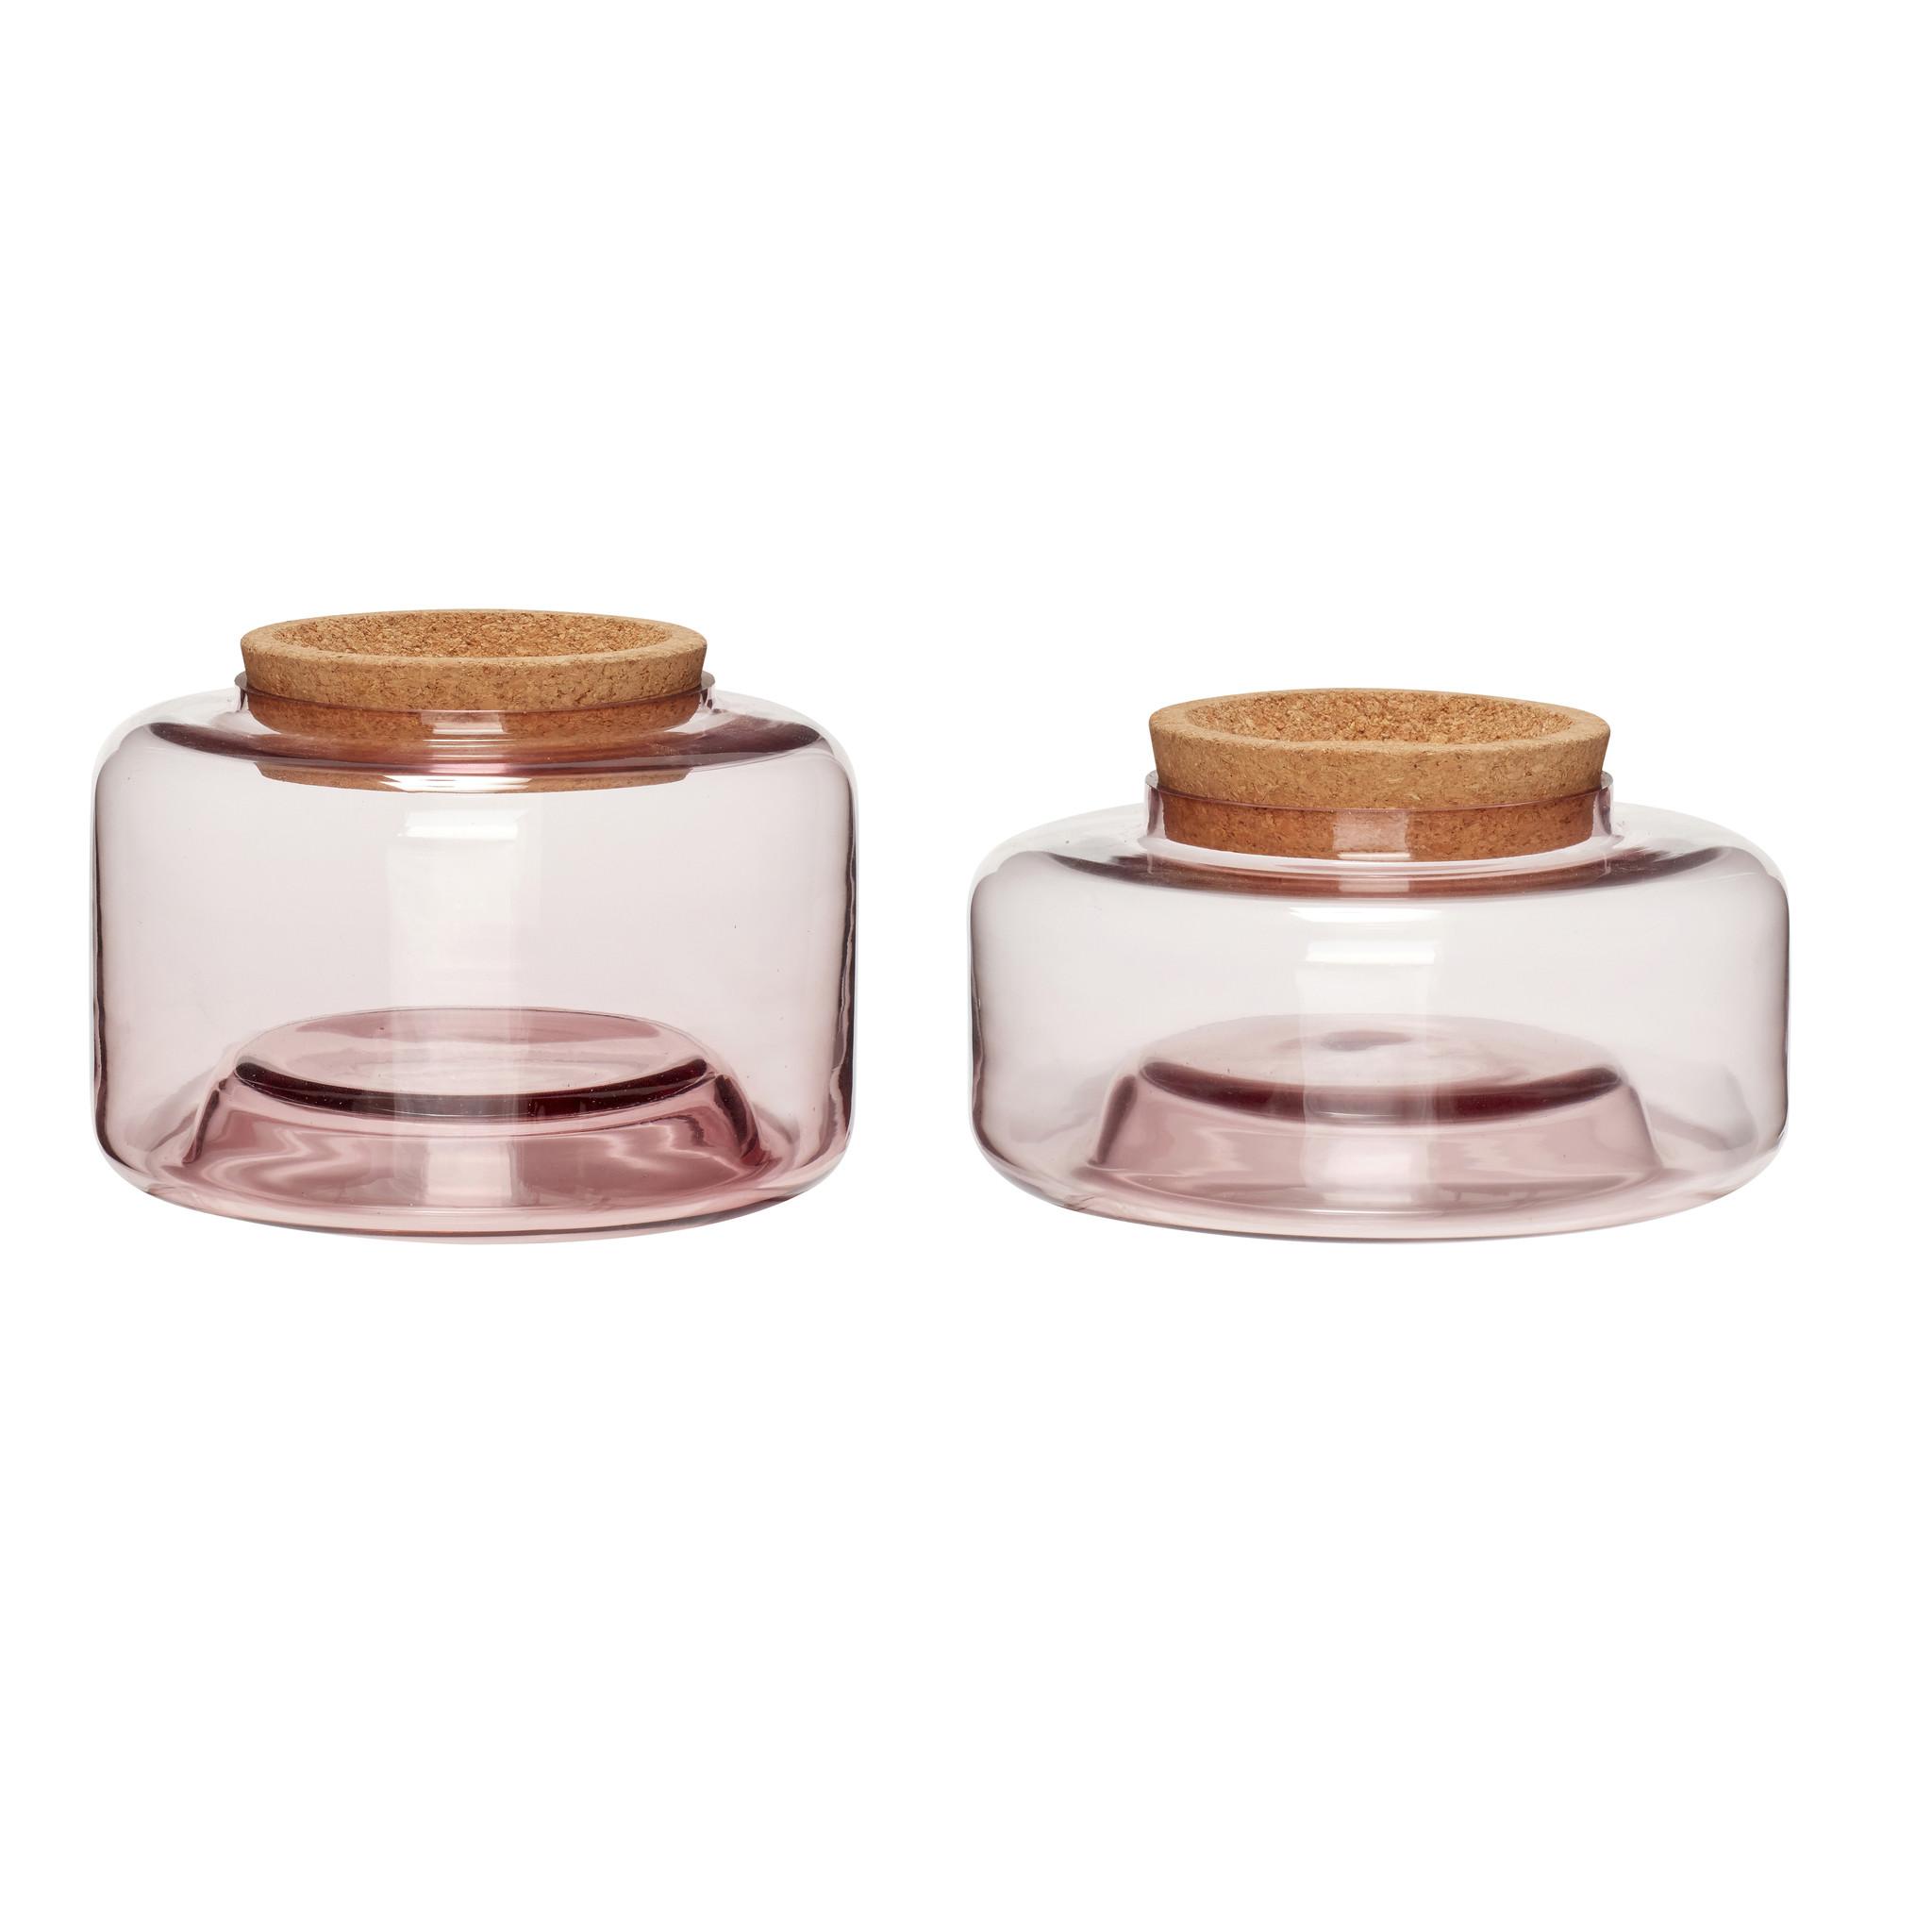 Hubsch Opslagglas met kurken deksel, roos, set van 2-950416-5712772059142